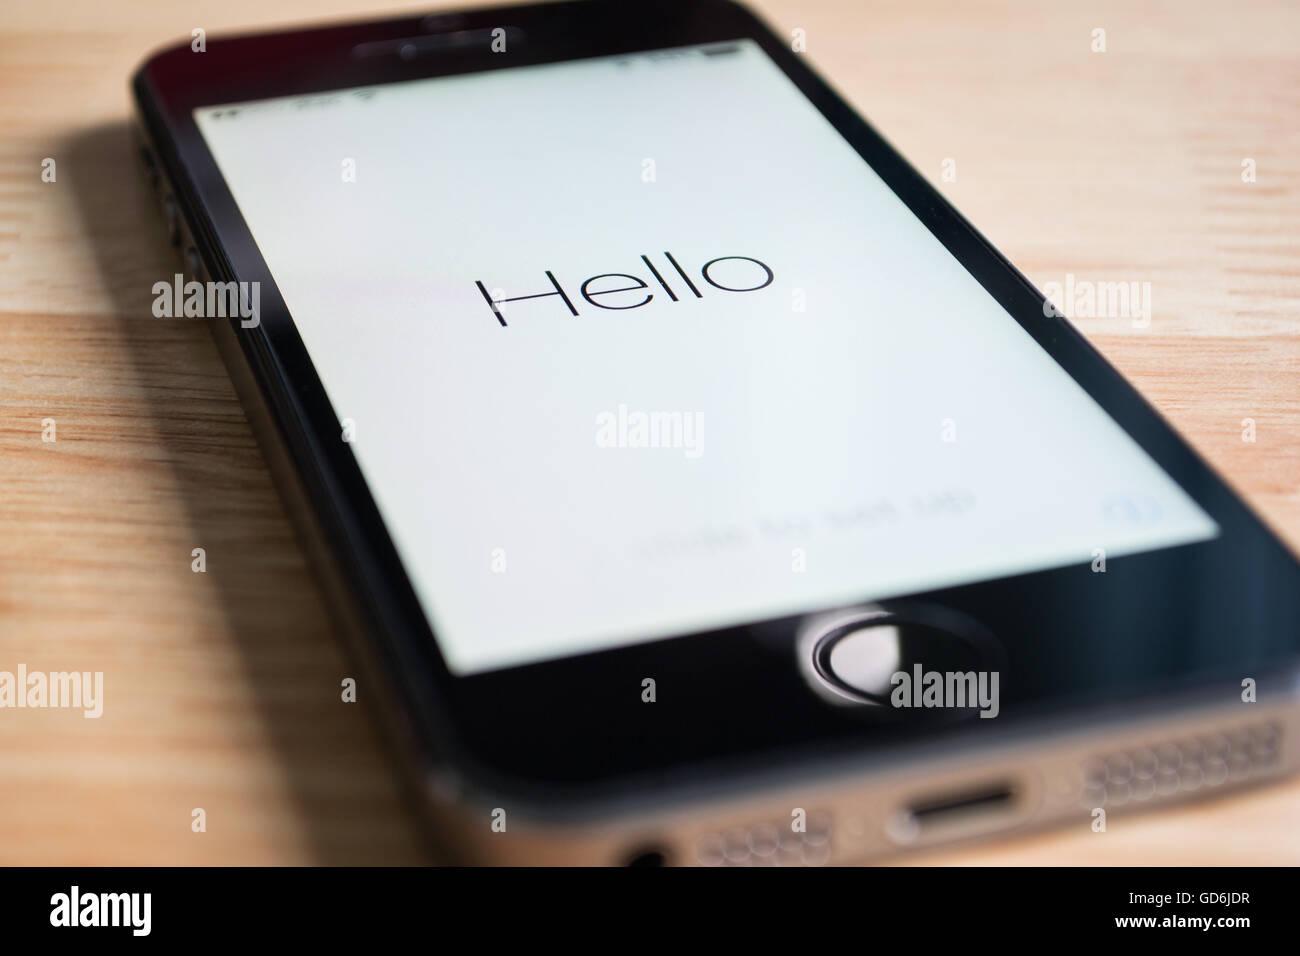 Bangkok, Tailandia - Marzo 23, 2016 : Apple iPhone5s mostrando su pantalla 'hola', cuando el software ha Imagen De Stock